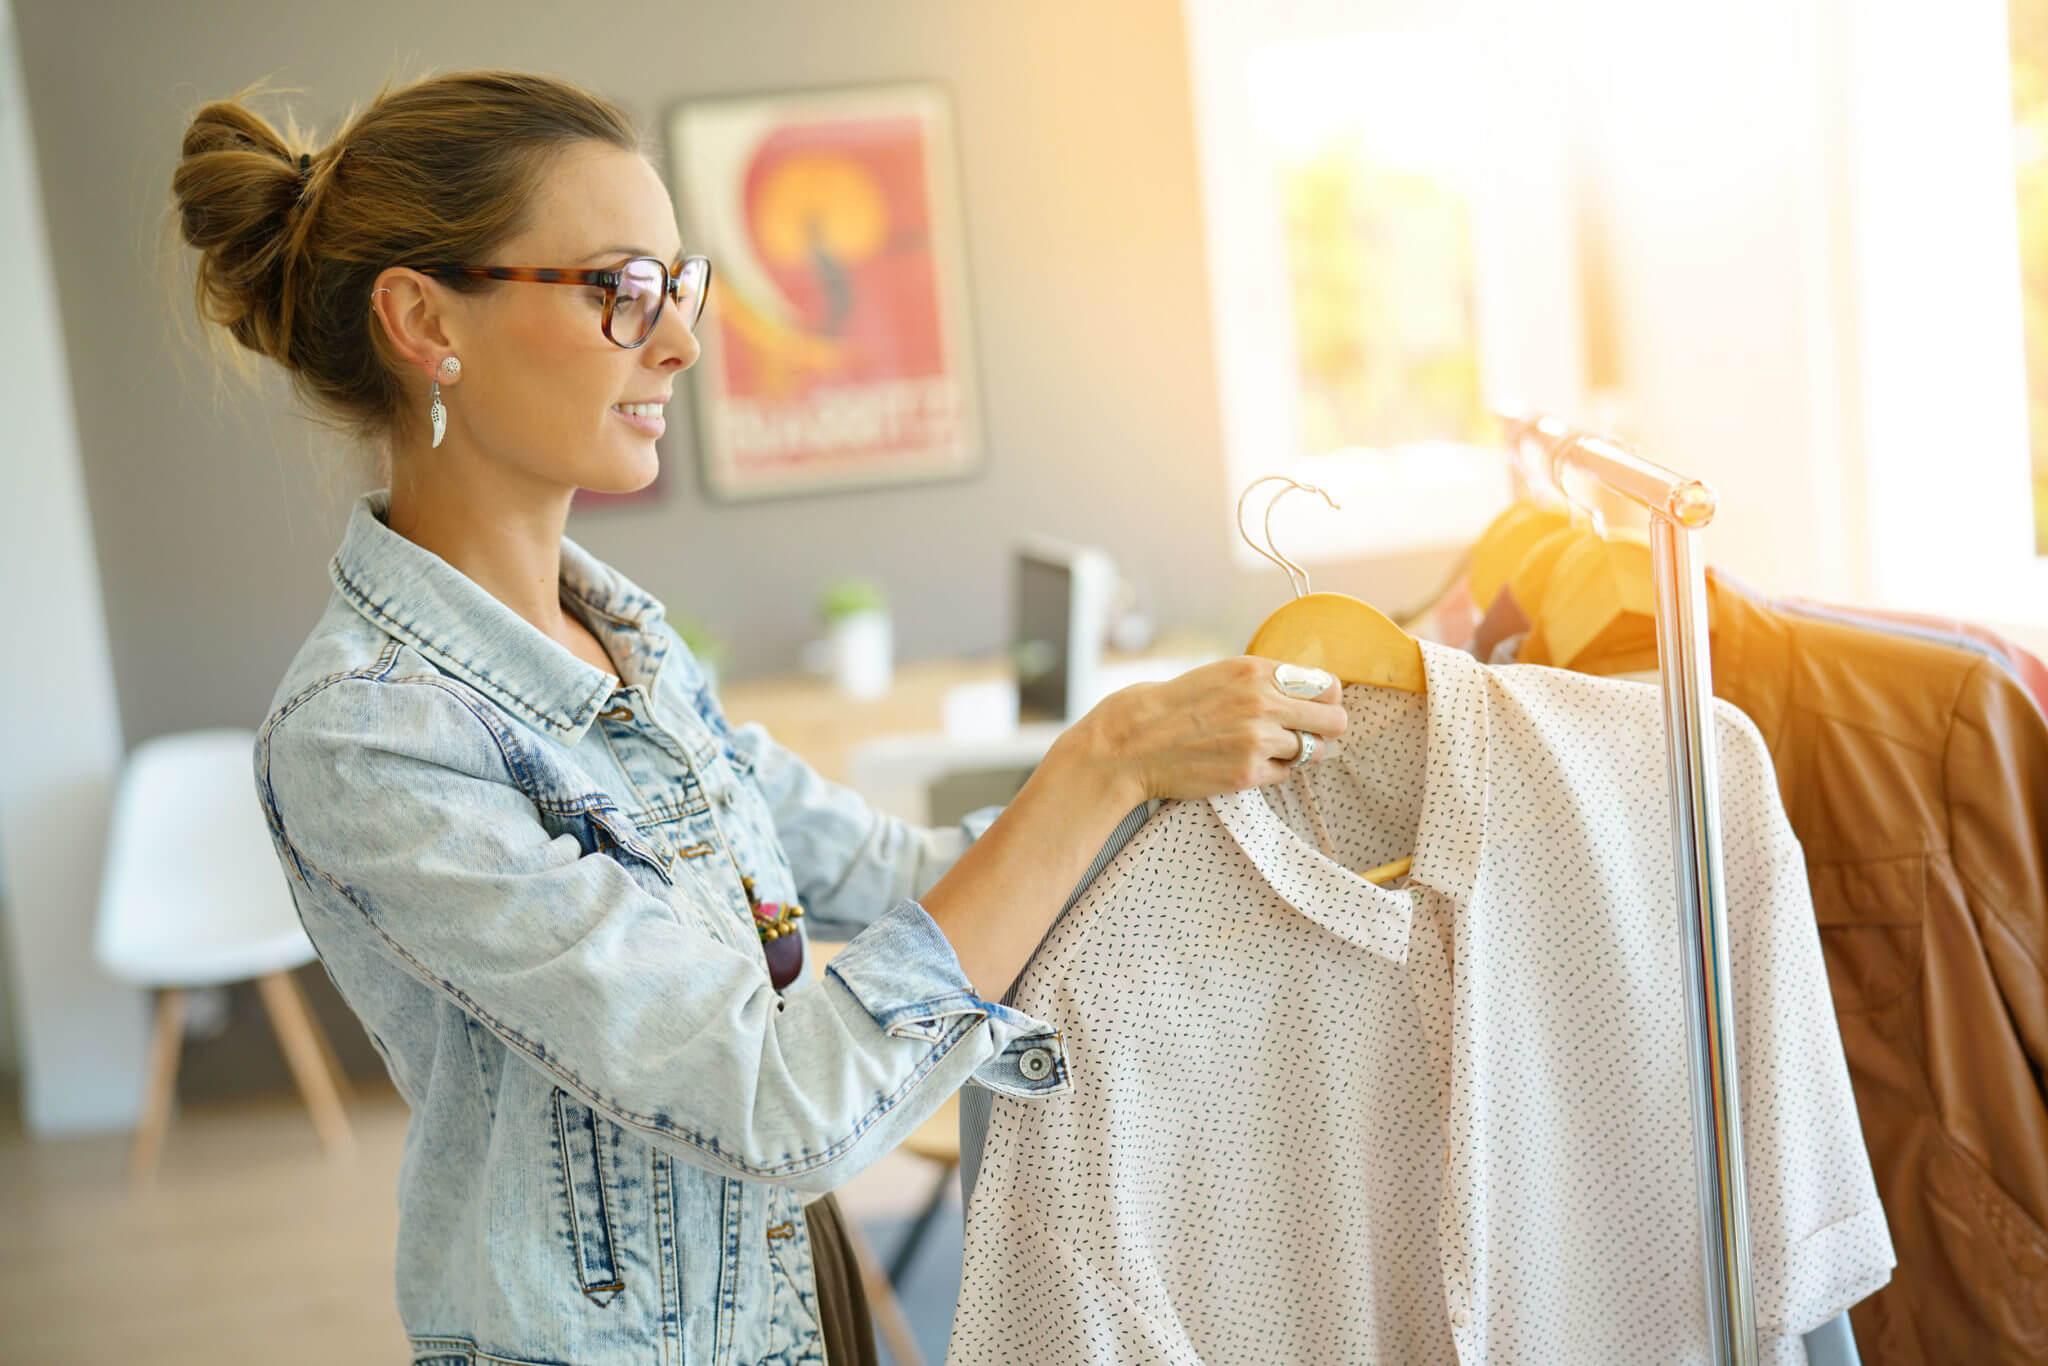 Der Shop für B2B-Kunden und Händler - jetzt mit Marken verbinden